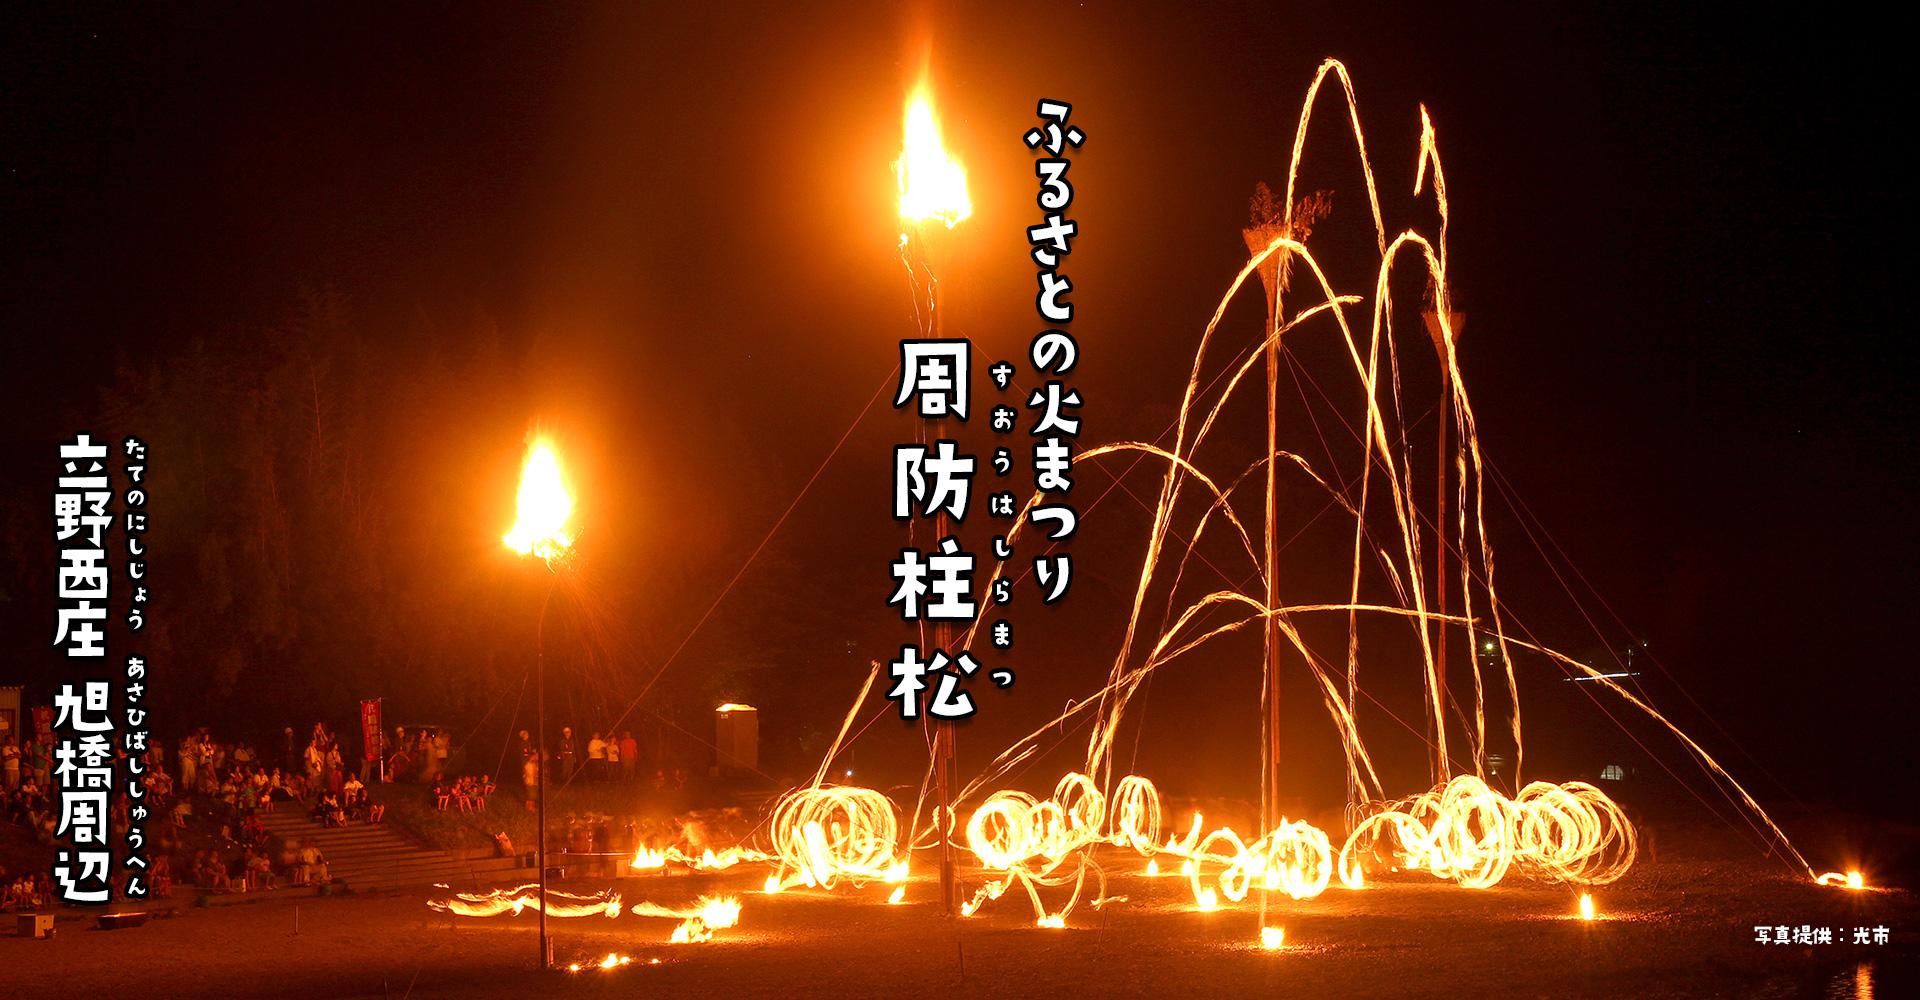 ふるさとの火まつり 周防柱松